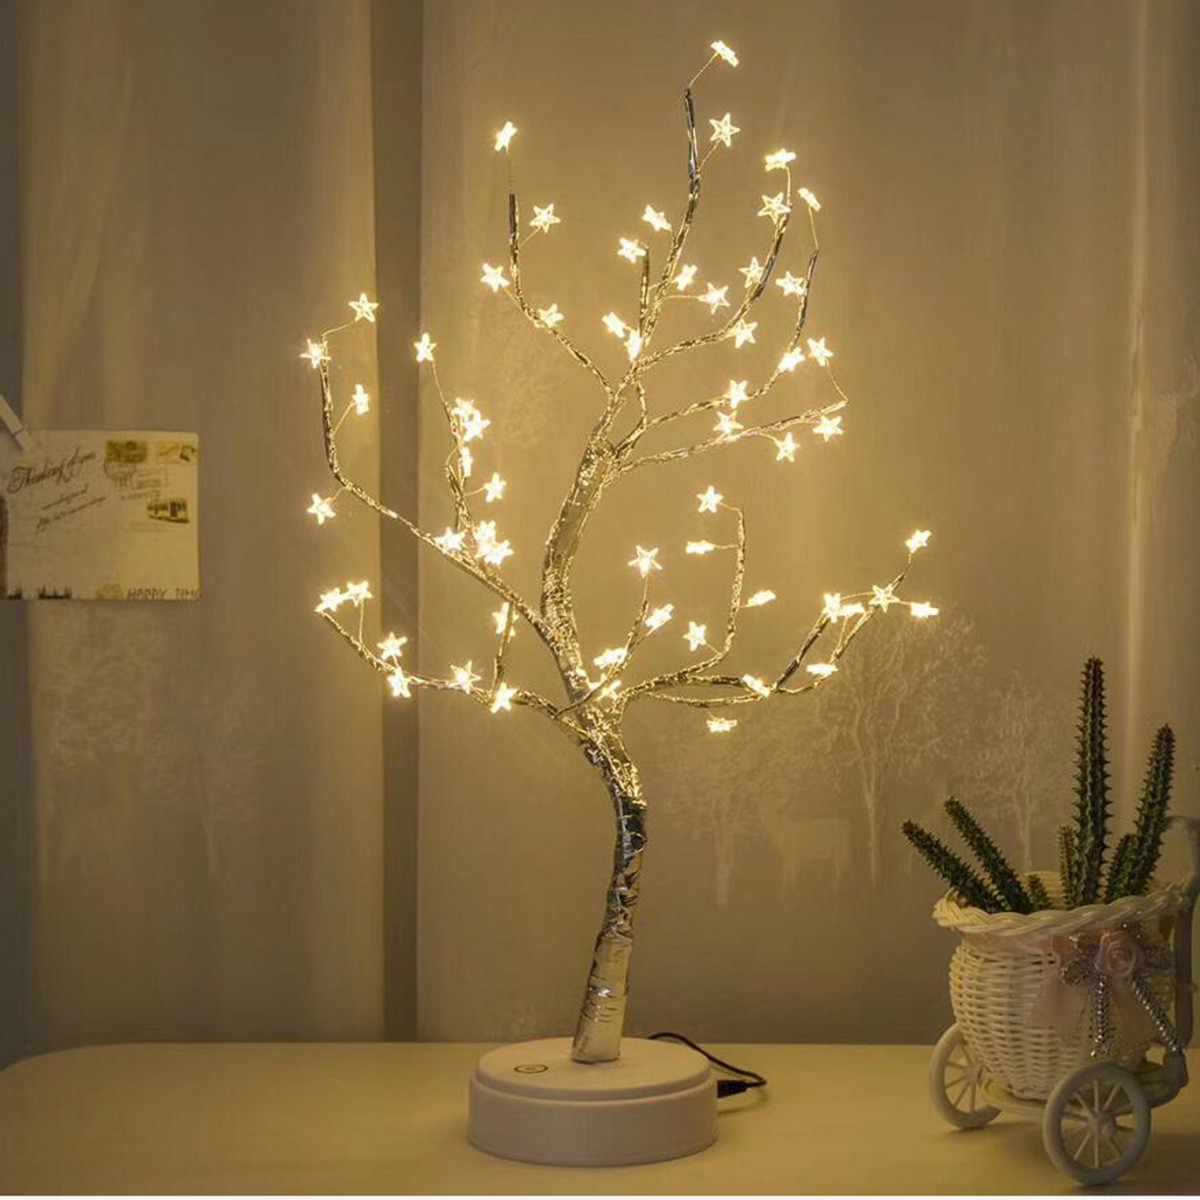 mesa blanco con blancas LED de 60 CARPRIE estrellas lámpara doCxBreW